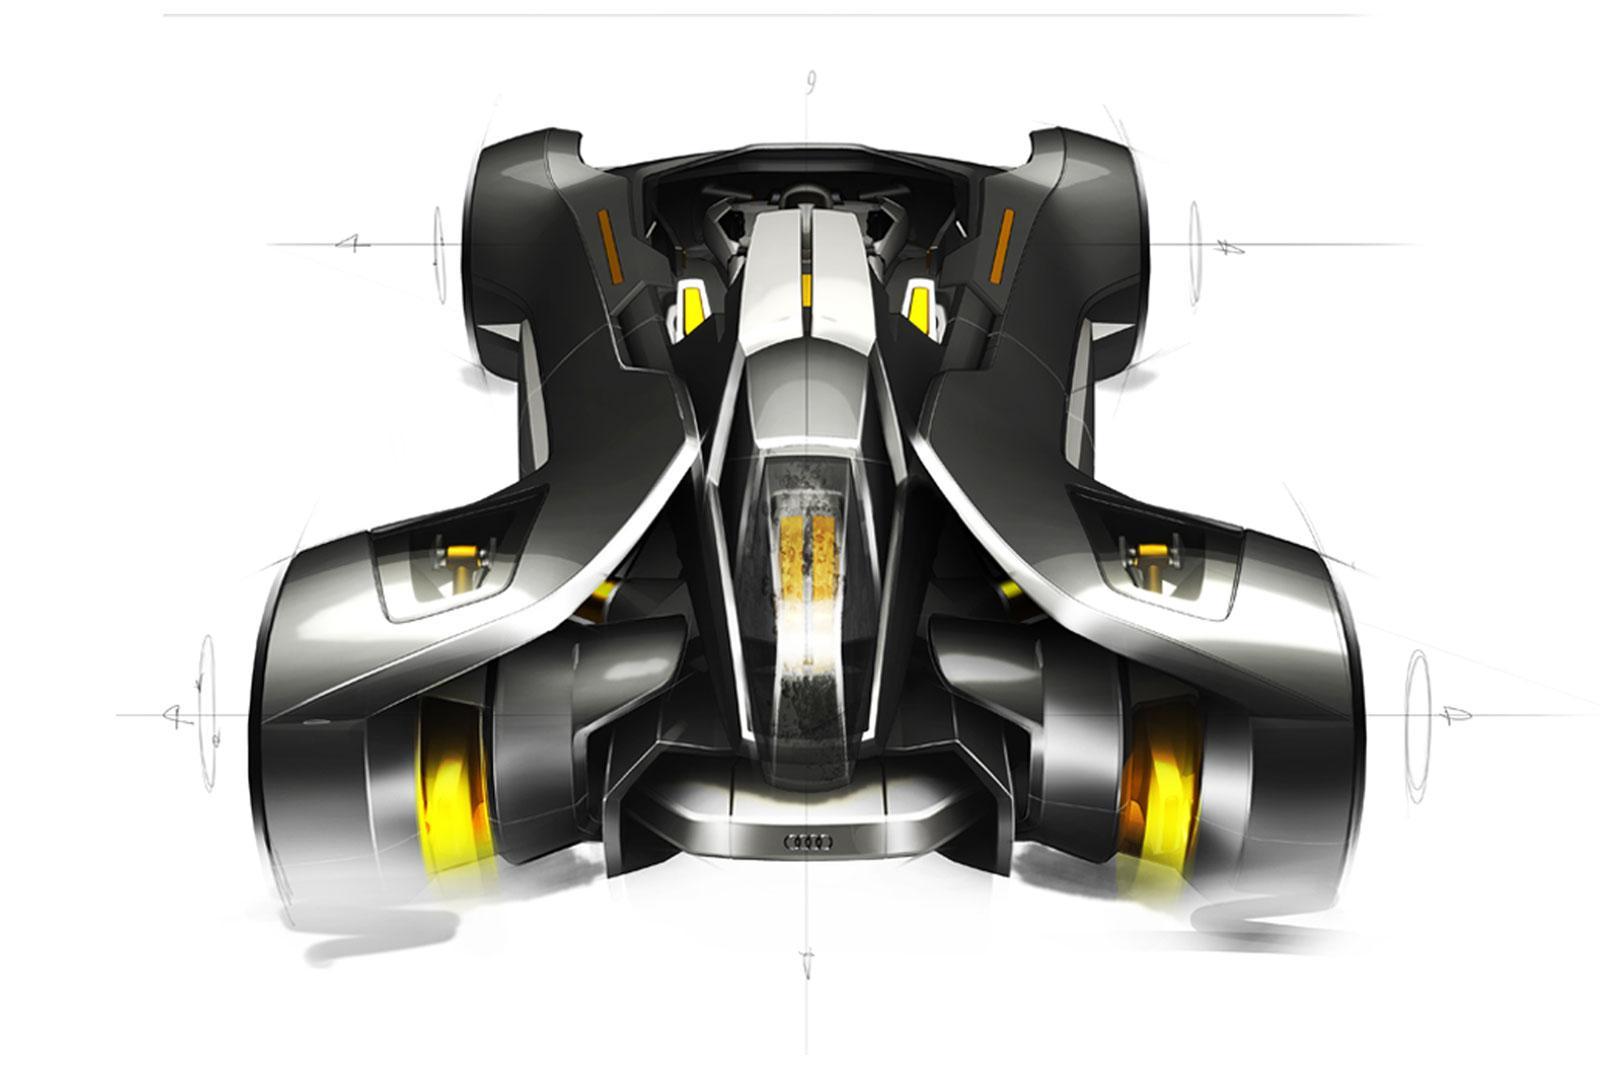 Audi Elite Concept - Car Body Design